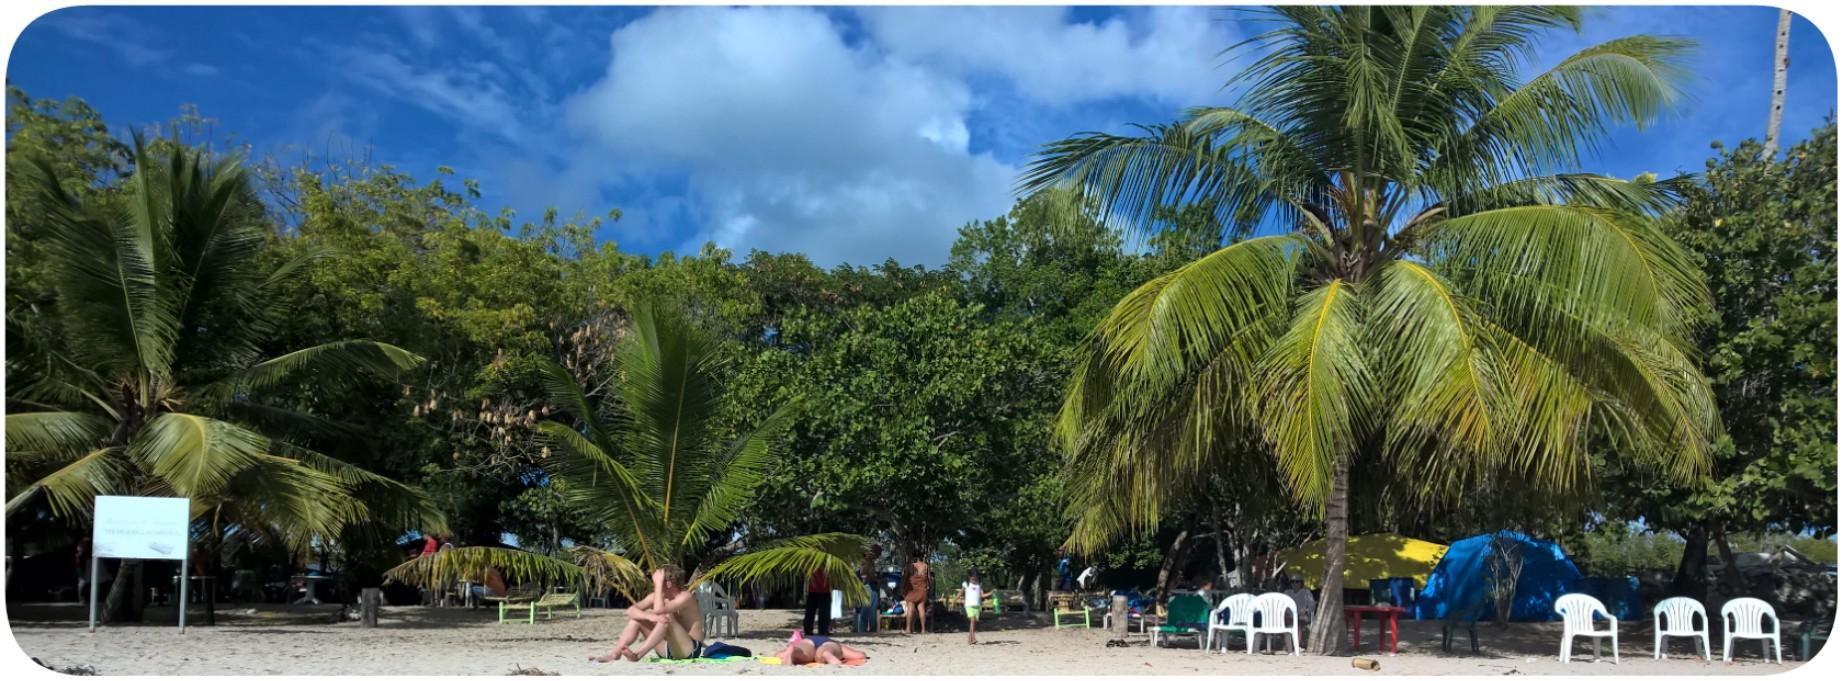 Folge335_ Dominikanische Republik